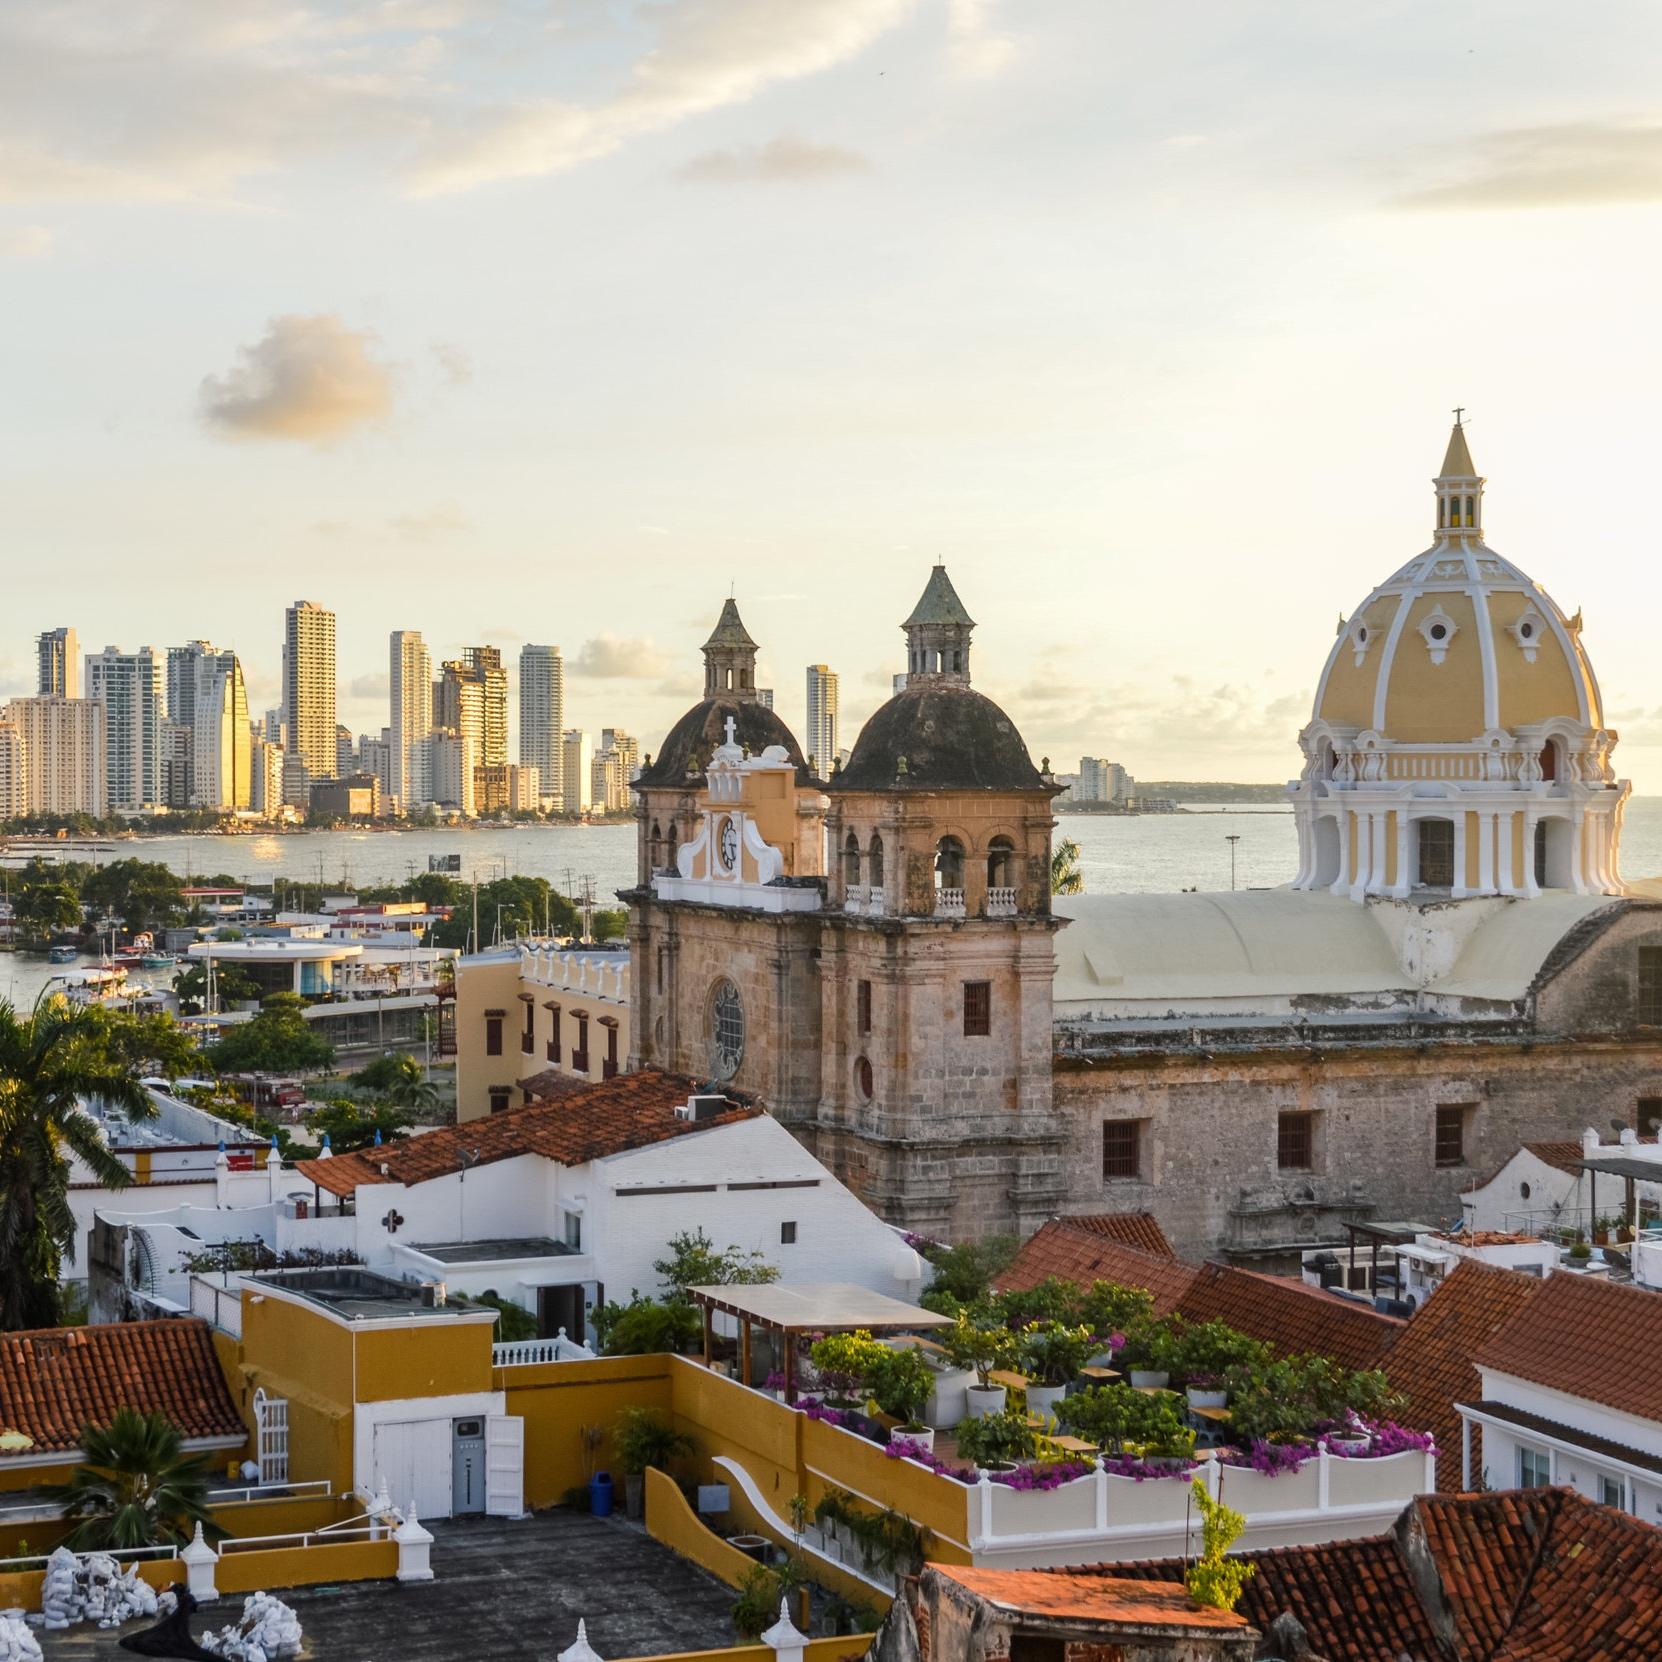 Hyatt Regency Cartagena - Pre-Opening Marketing